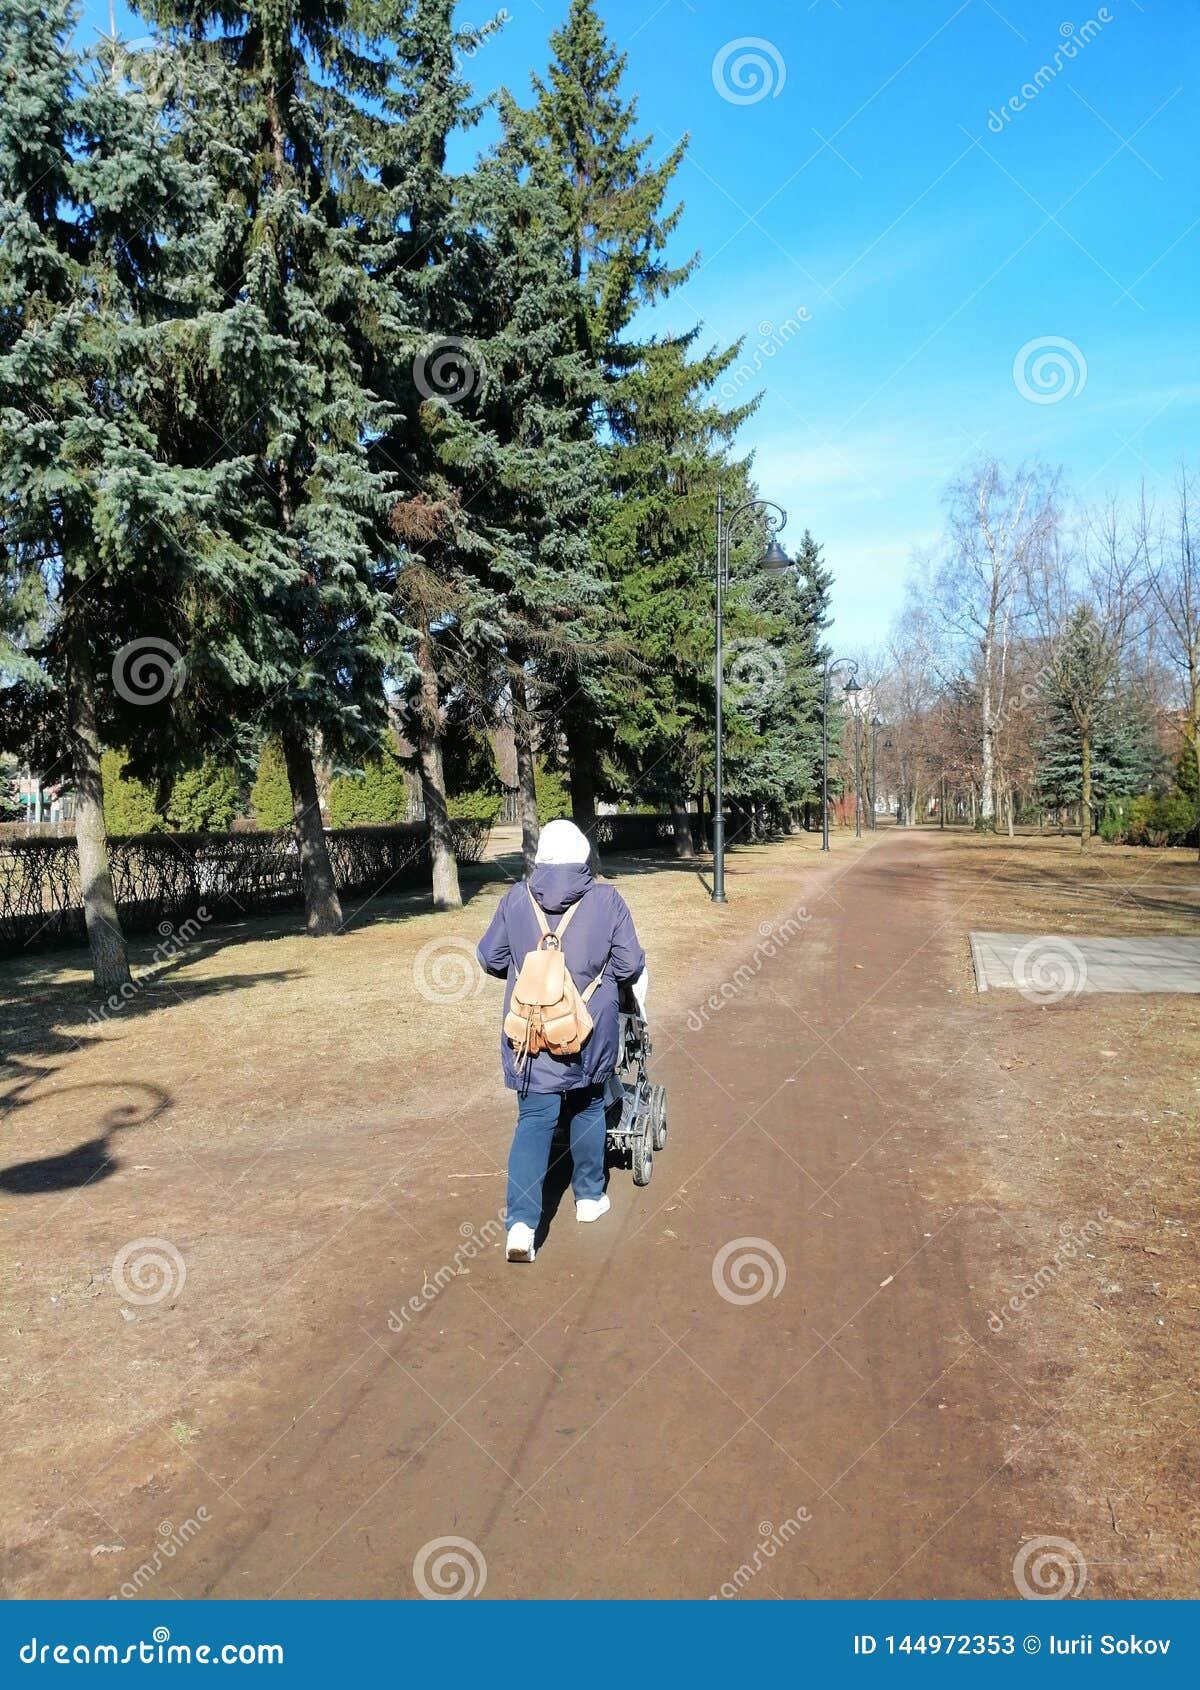 περίπατος στο πάρκο με ένα παιδί